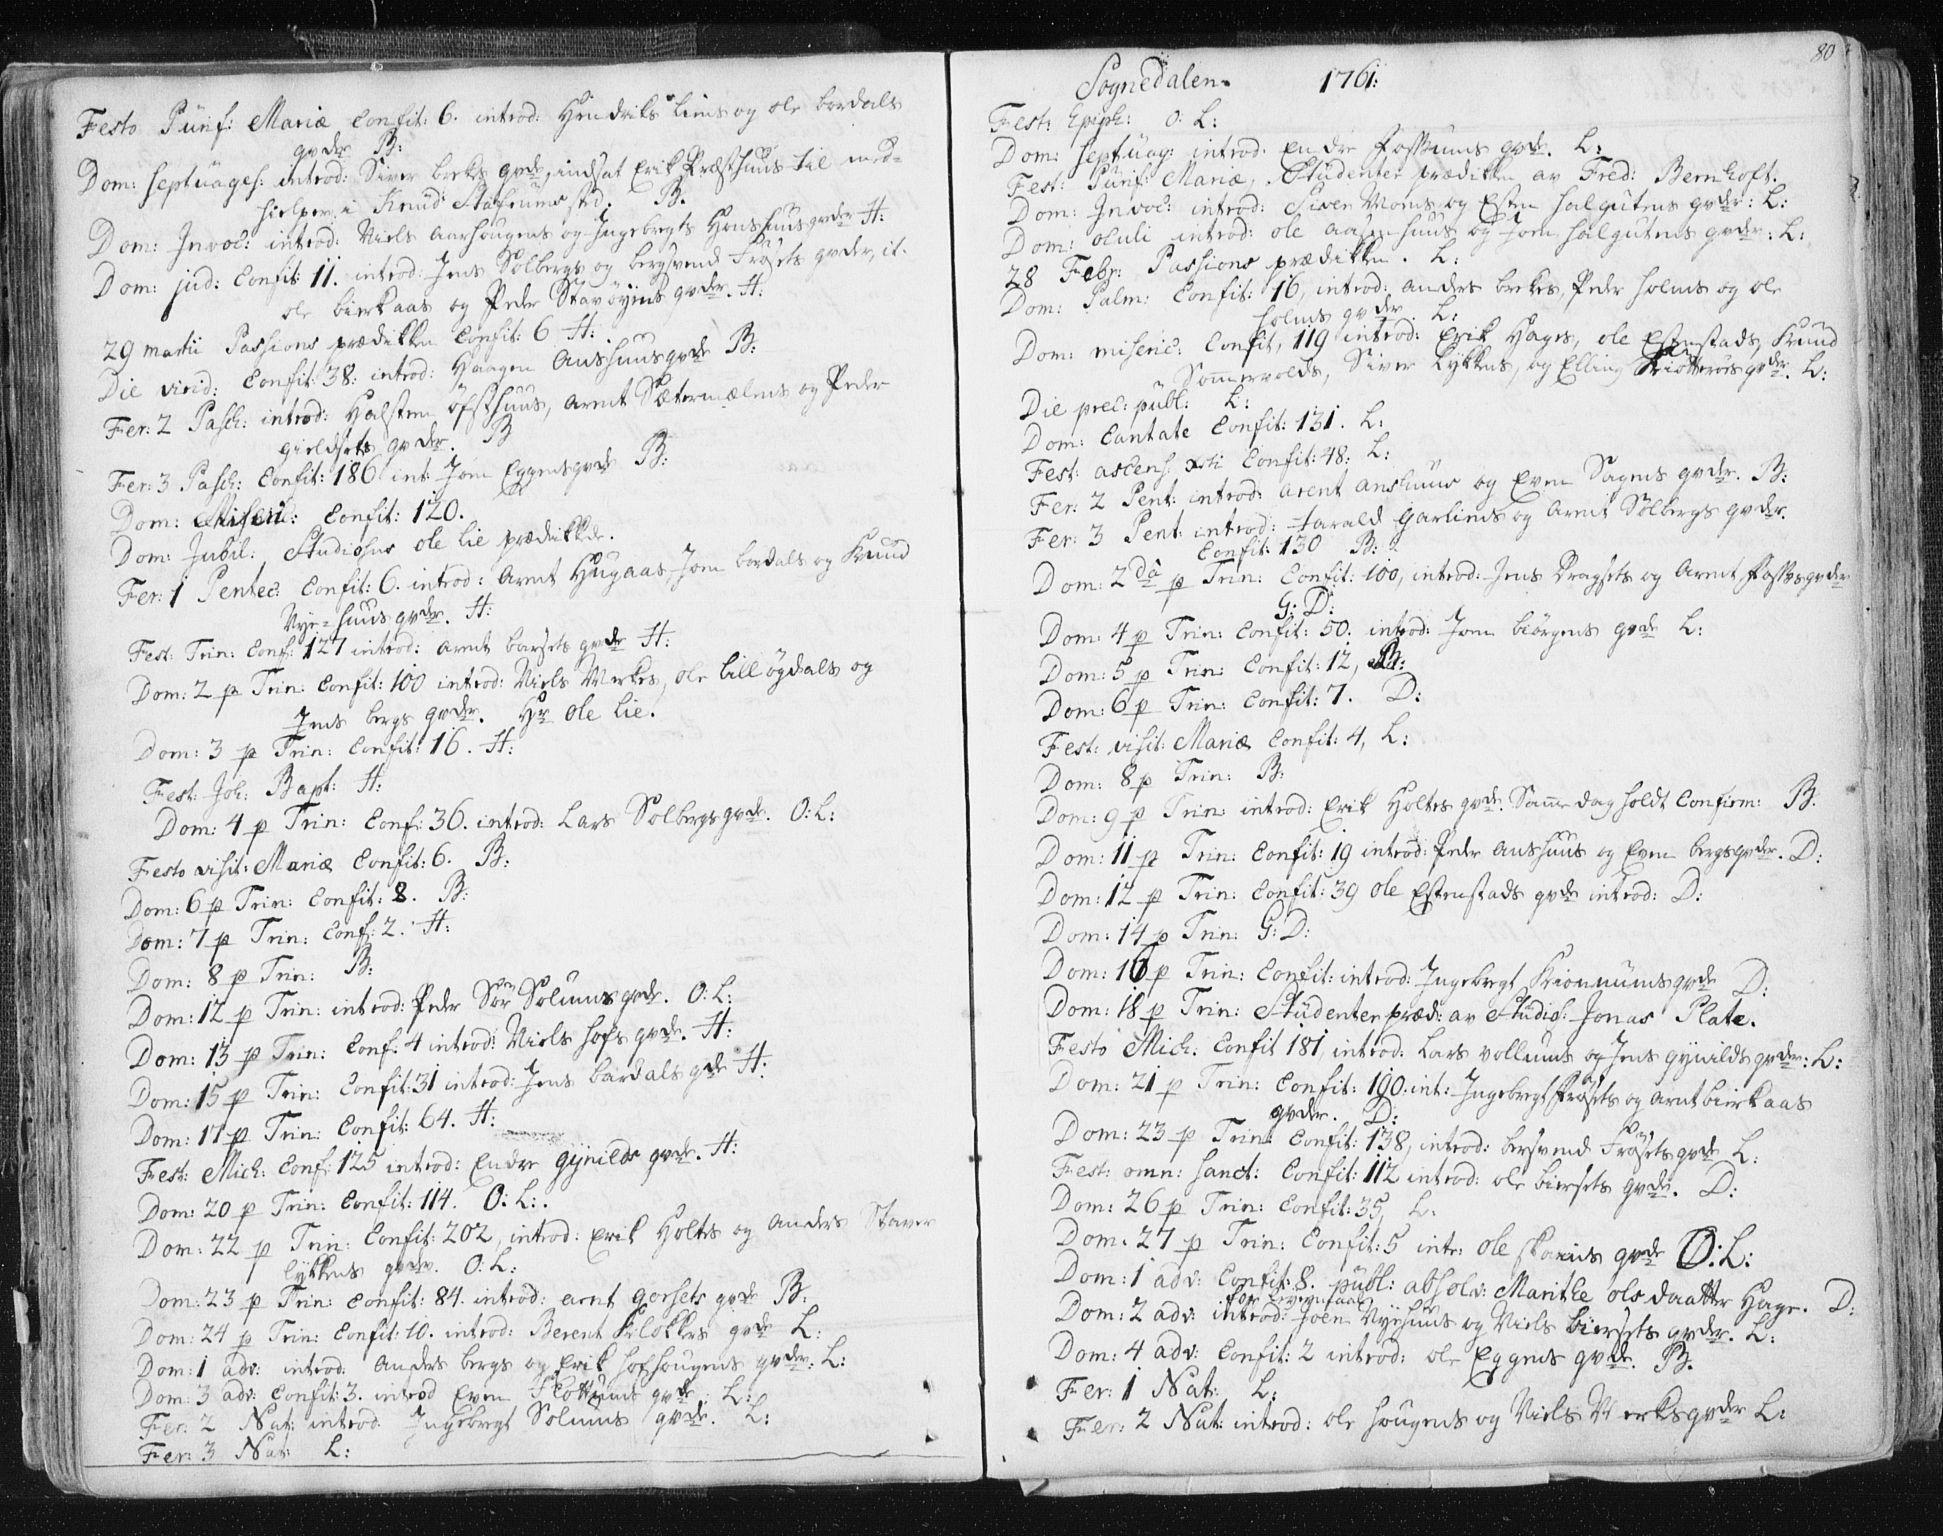 SAT, Ministerialprotokoller, klokkerbøker og fødselsregistre - Sør-Trøndelag, 687/L0991: Ministerialbok nr. 687A02, 1747-1790, s. 80